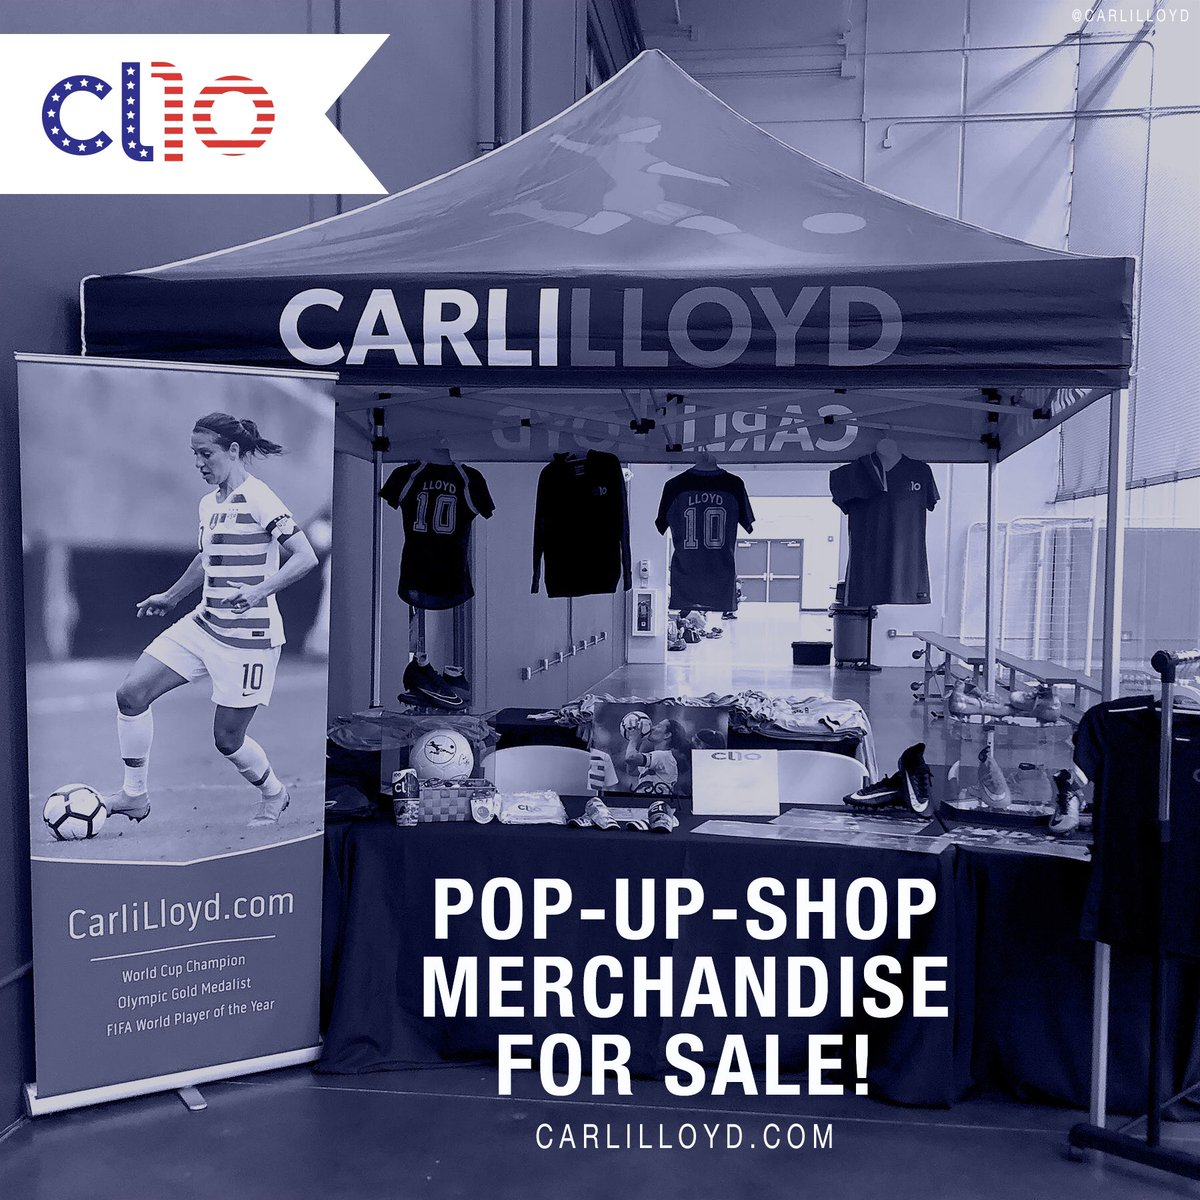 Carli Lloyd on Twitter: